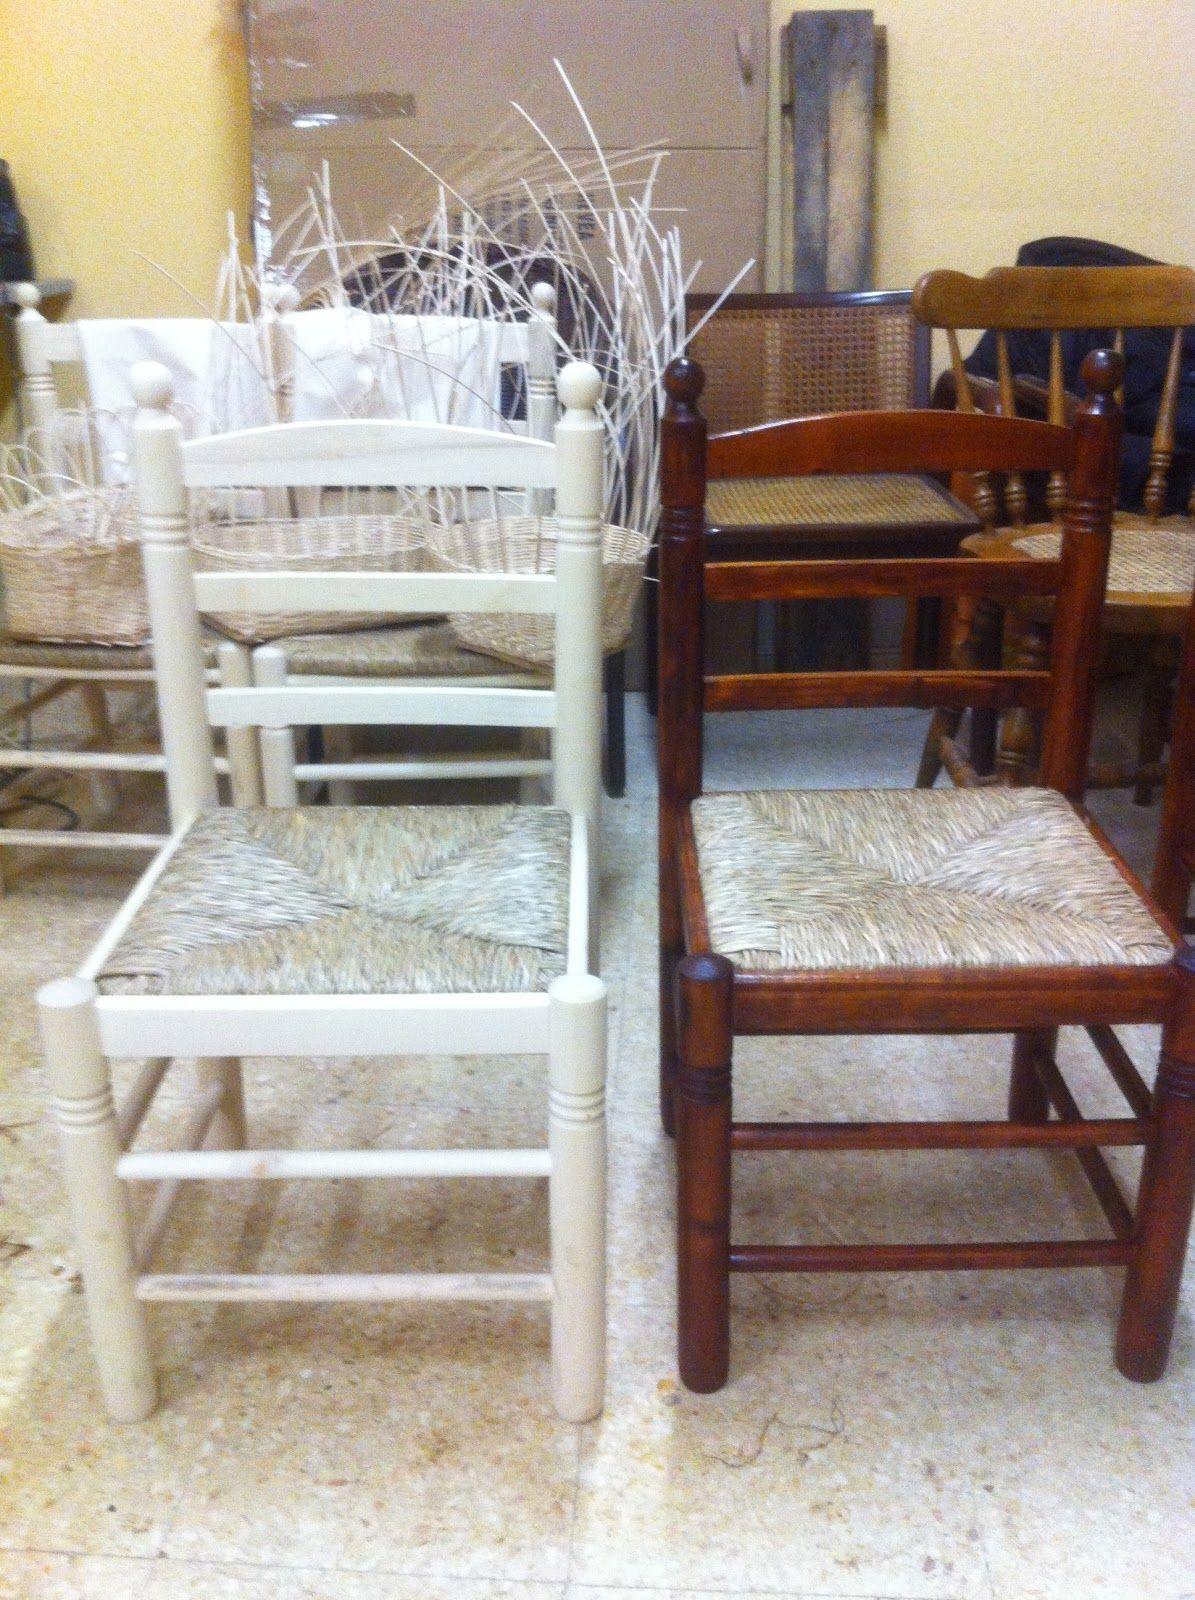 Rejilla enea reparacion sillas restauraci n mimbre cestos ideas for hubby dad - Restaurar sillas de madera ...